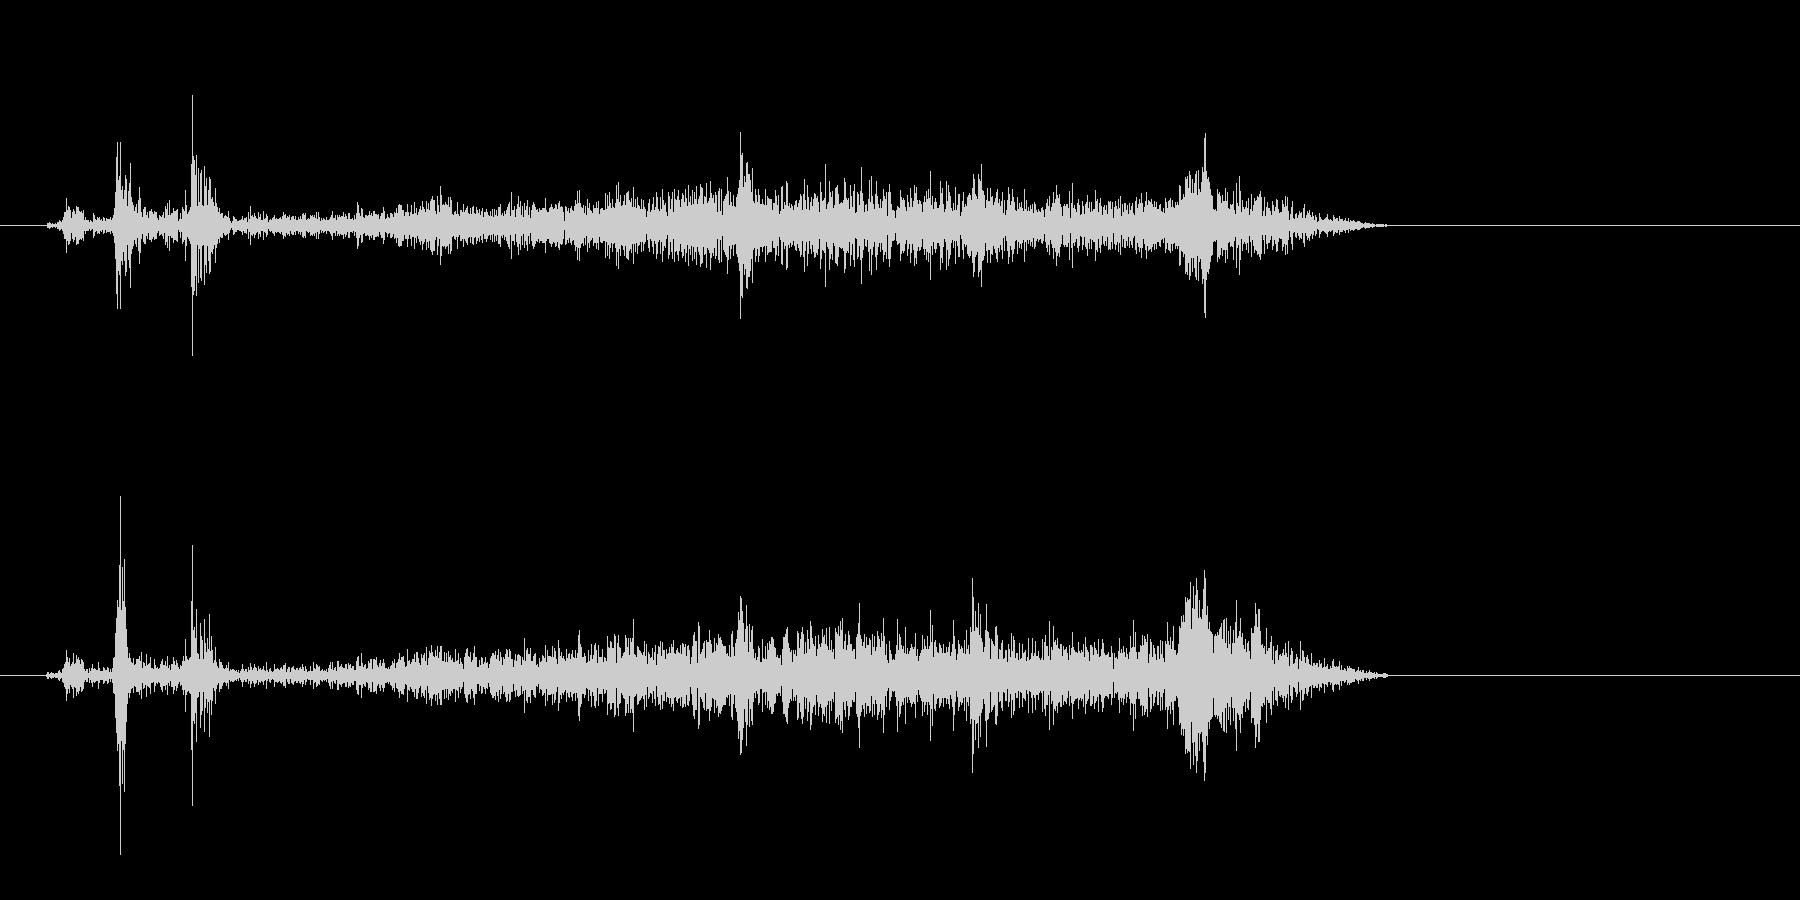 ビシュー(紙が動く音)の未再生の波形